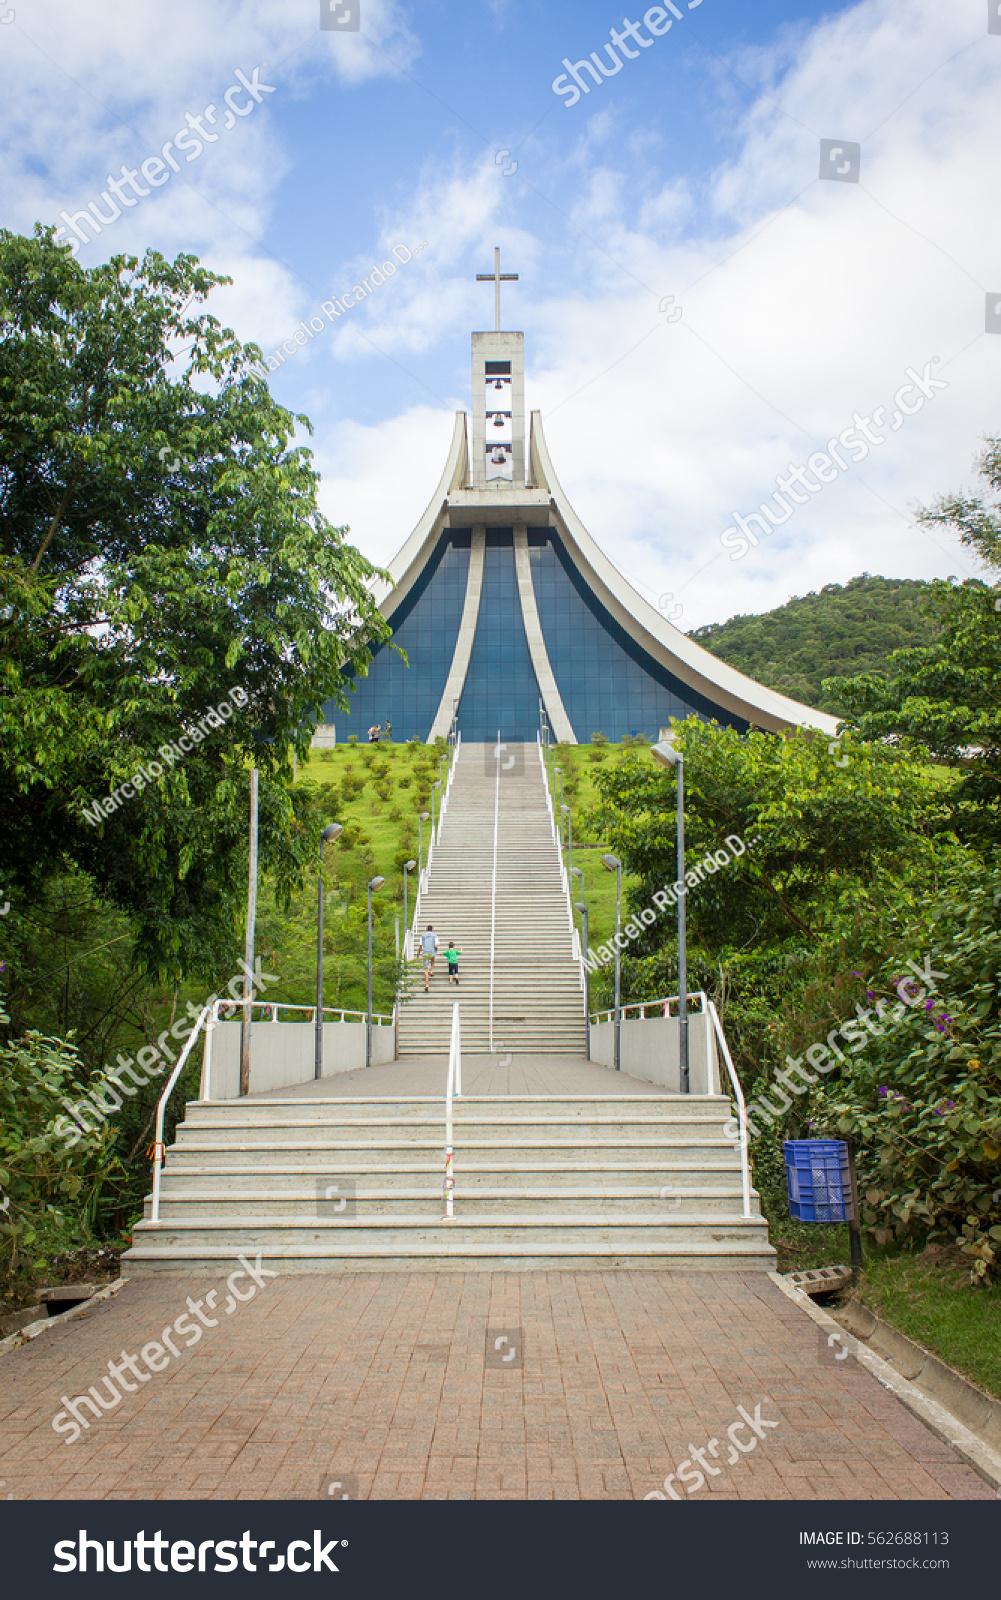 Nova Trento Santa Catarina fonte: image.shutterstock.com